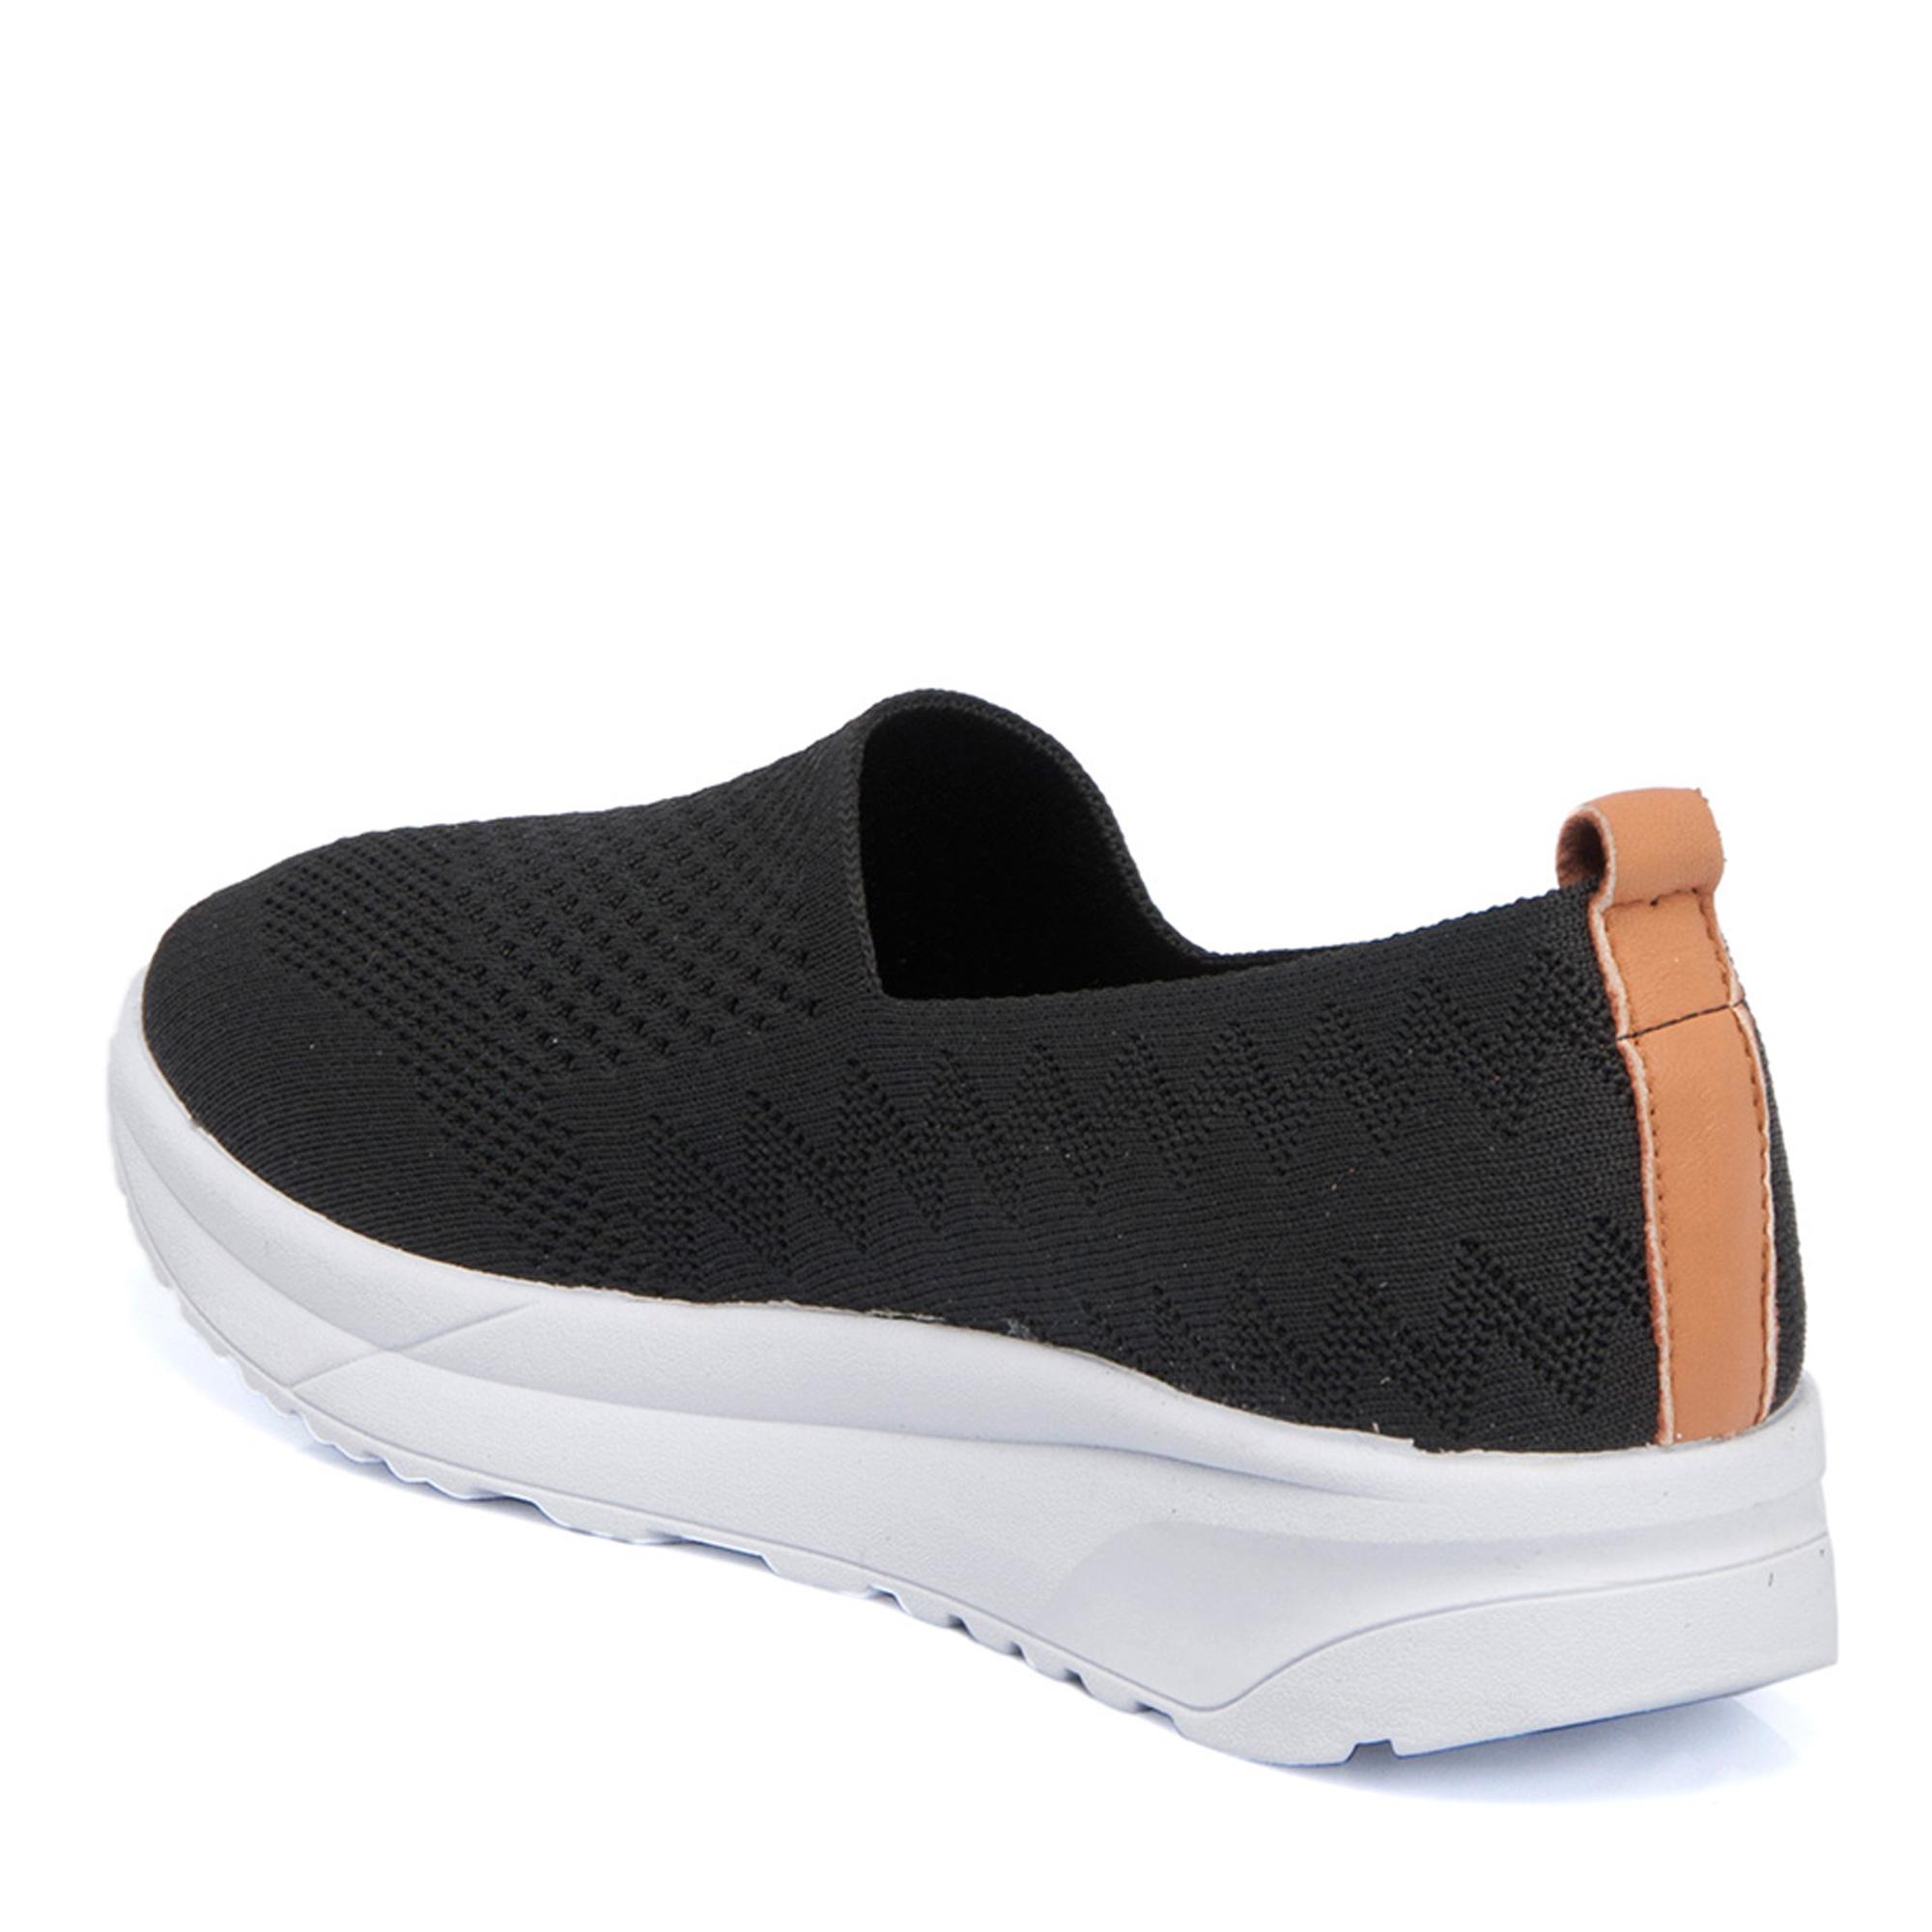 Siyah Tekstil Kadın Ayakkabı 64389I46